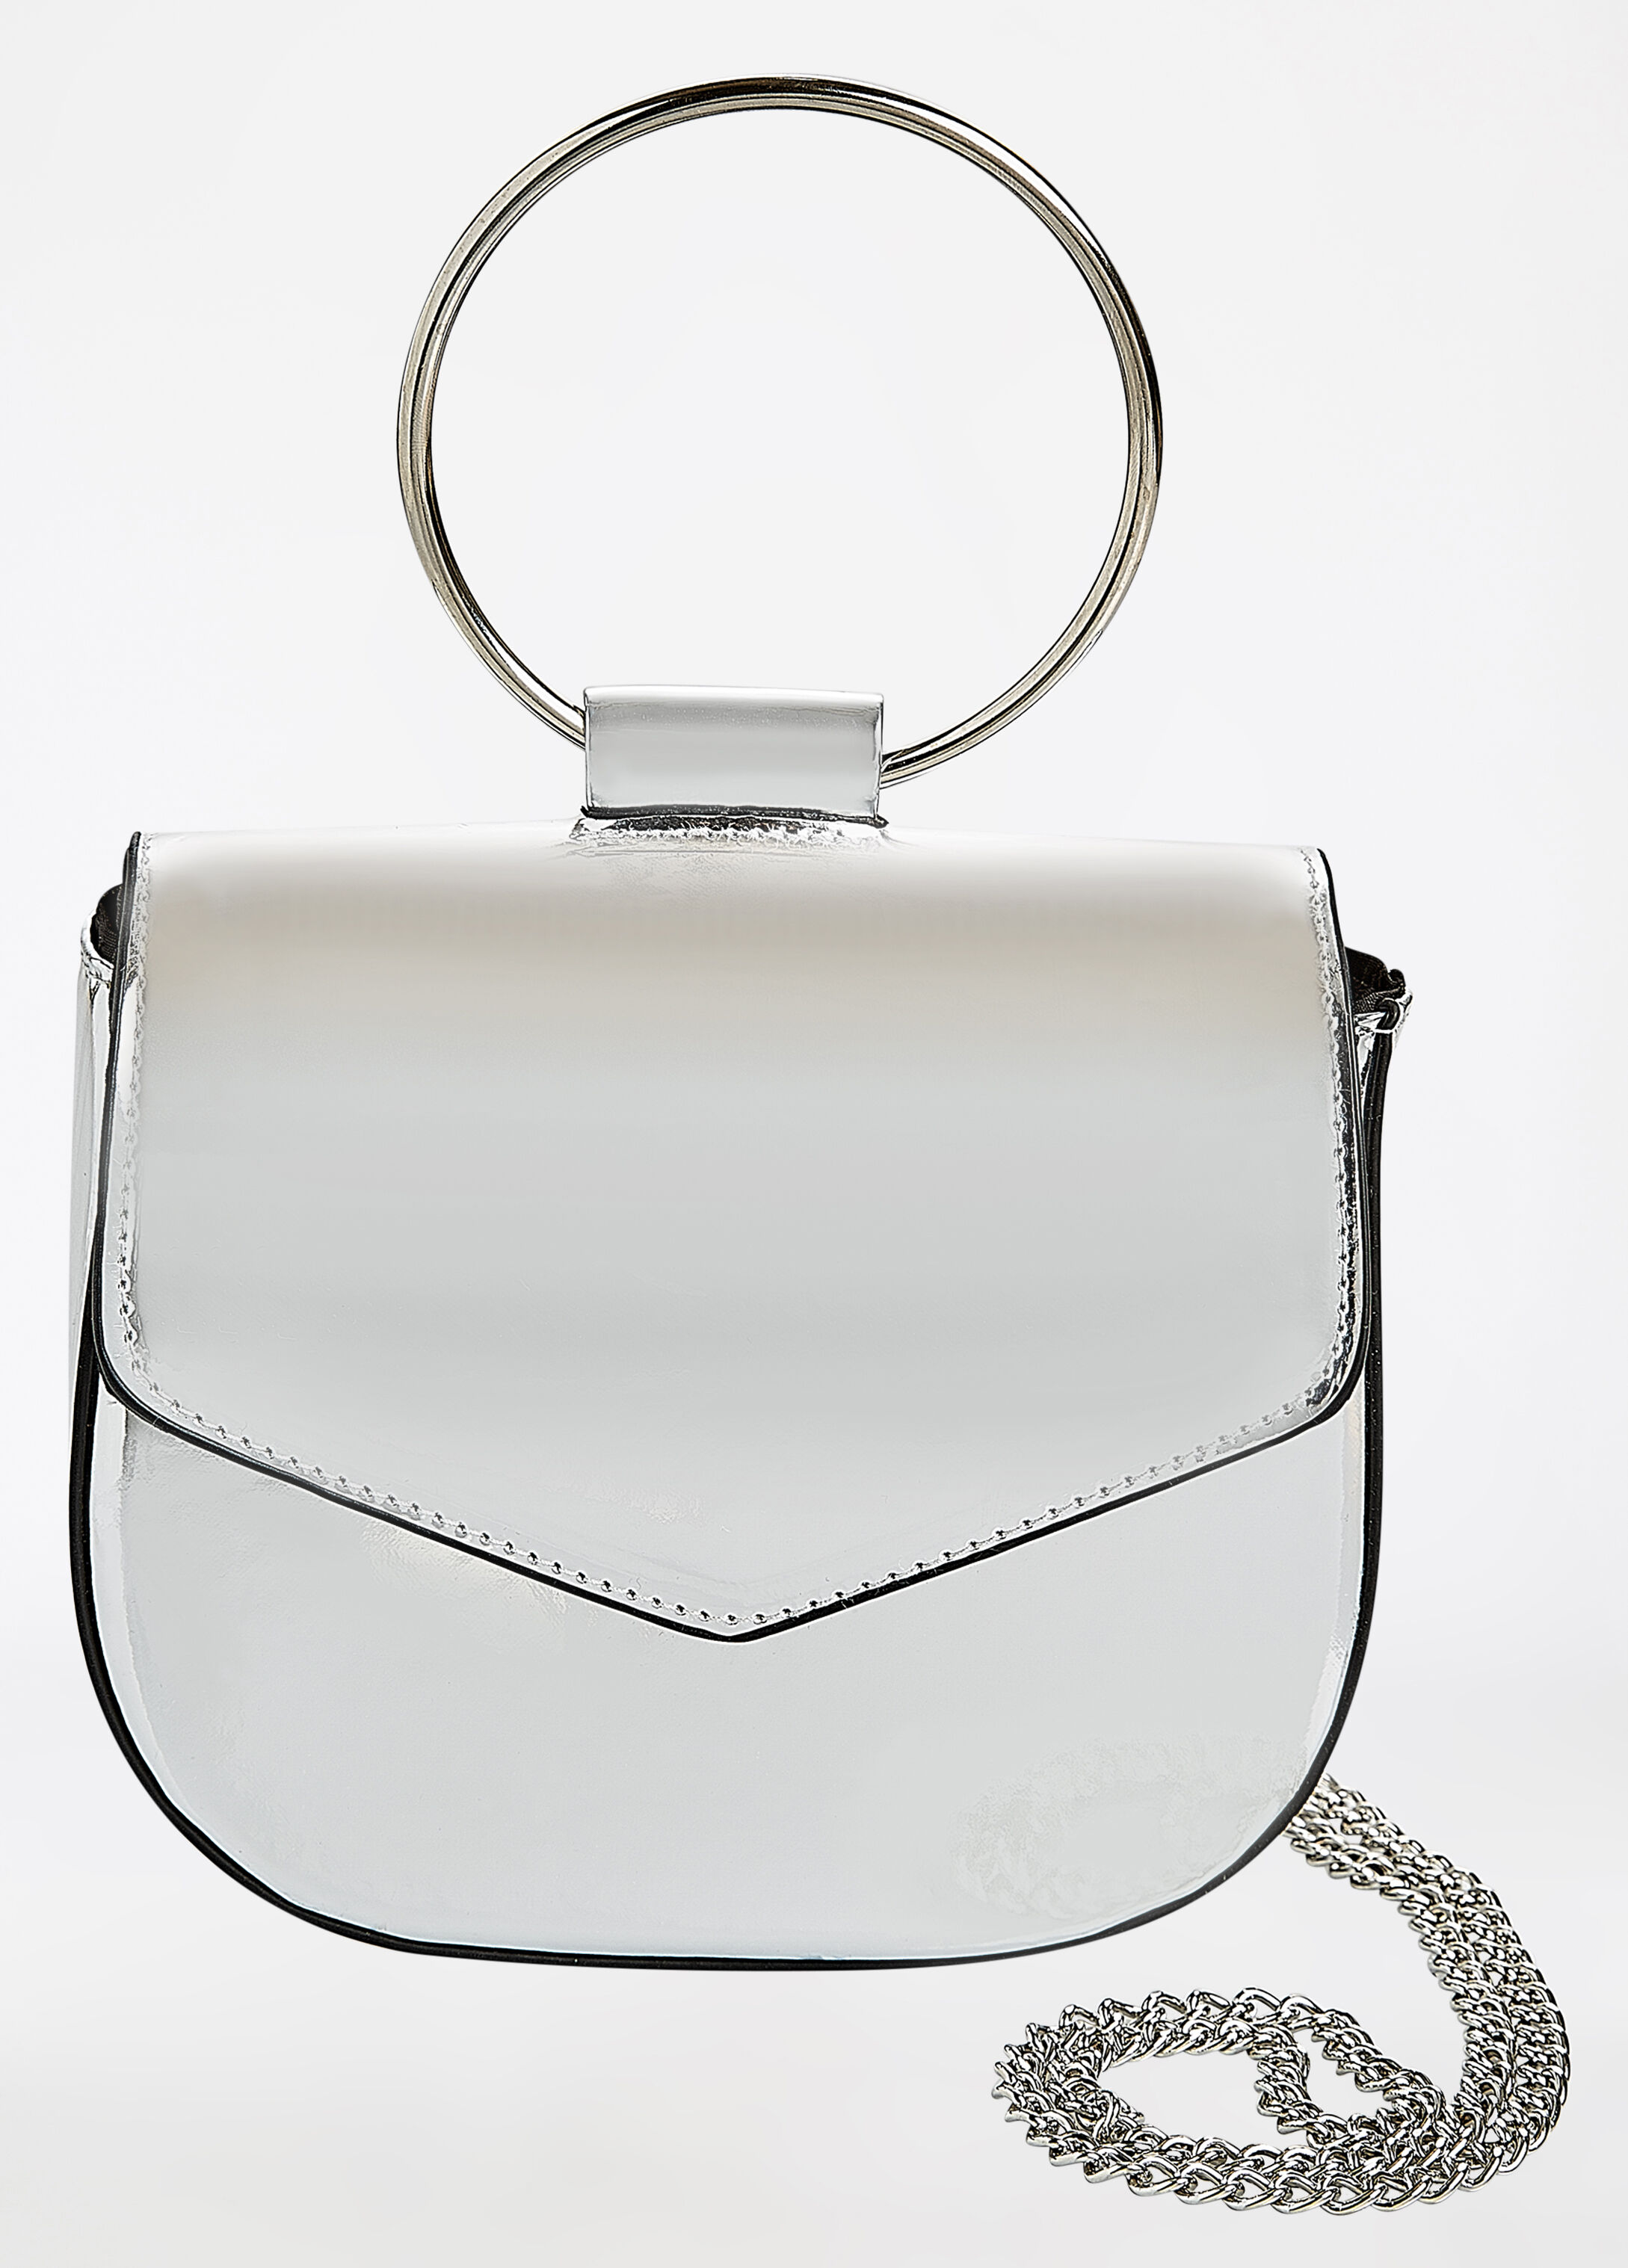 Dual Handle Flapover Bag